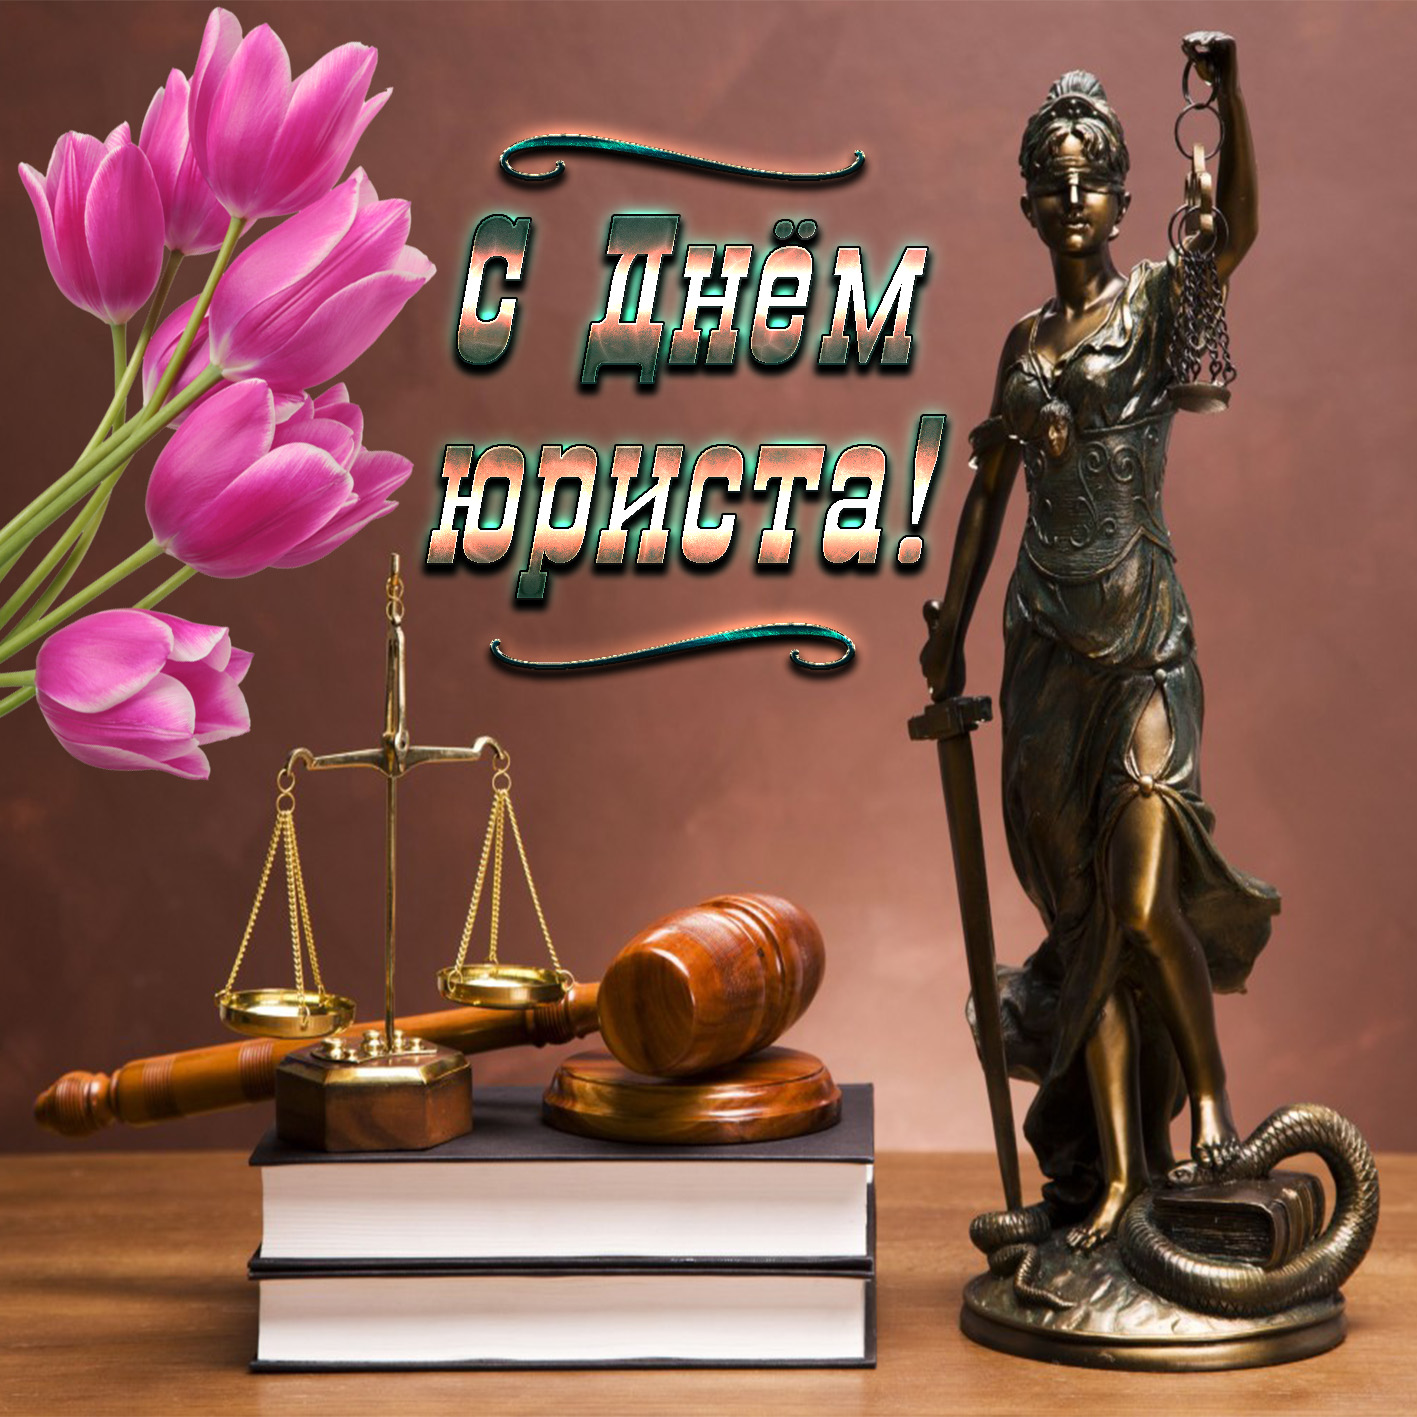 Кофе для, открытки и картинки с днем юриста